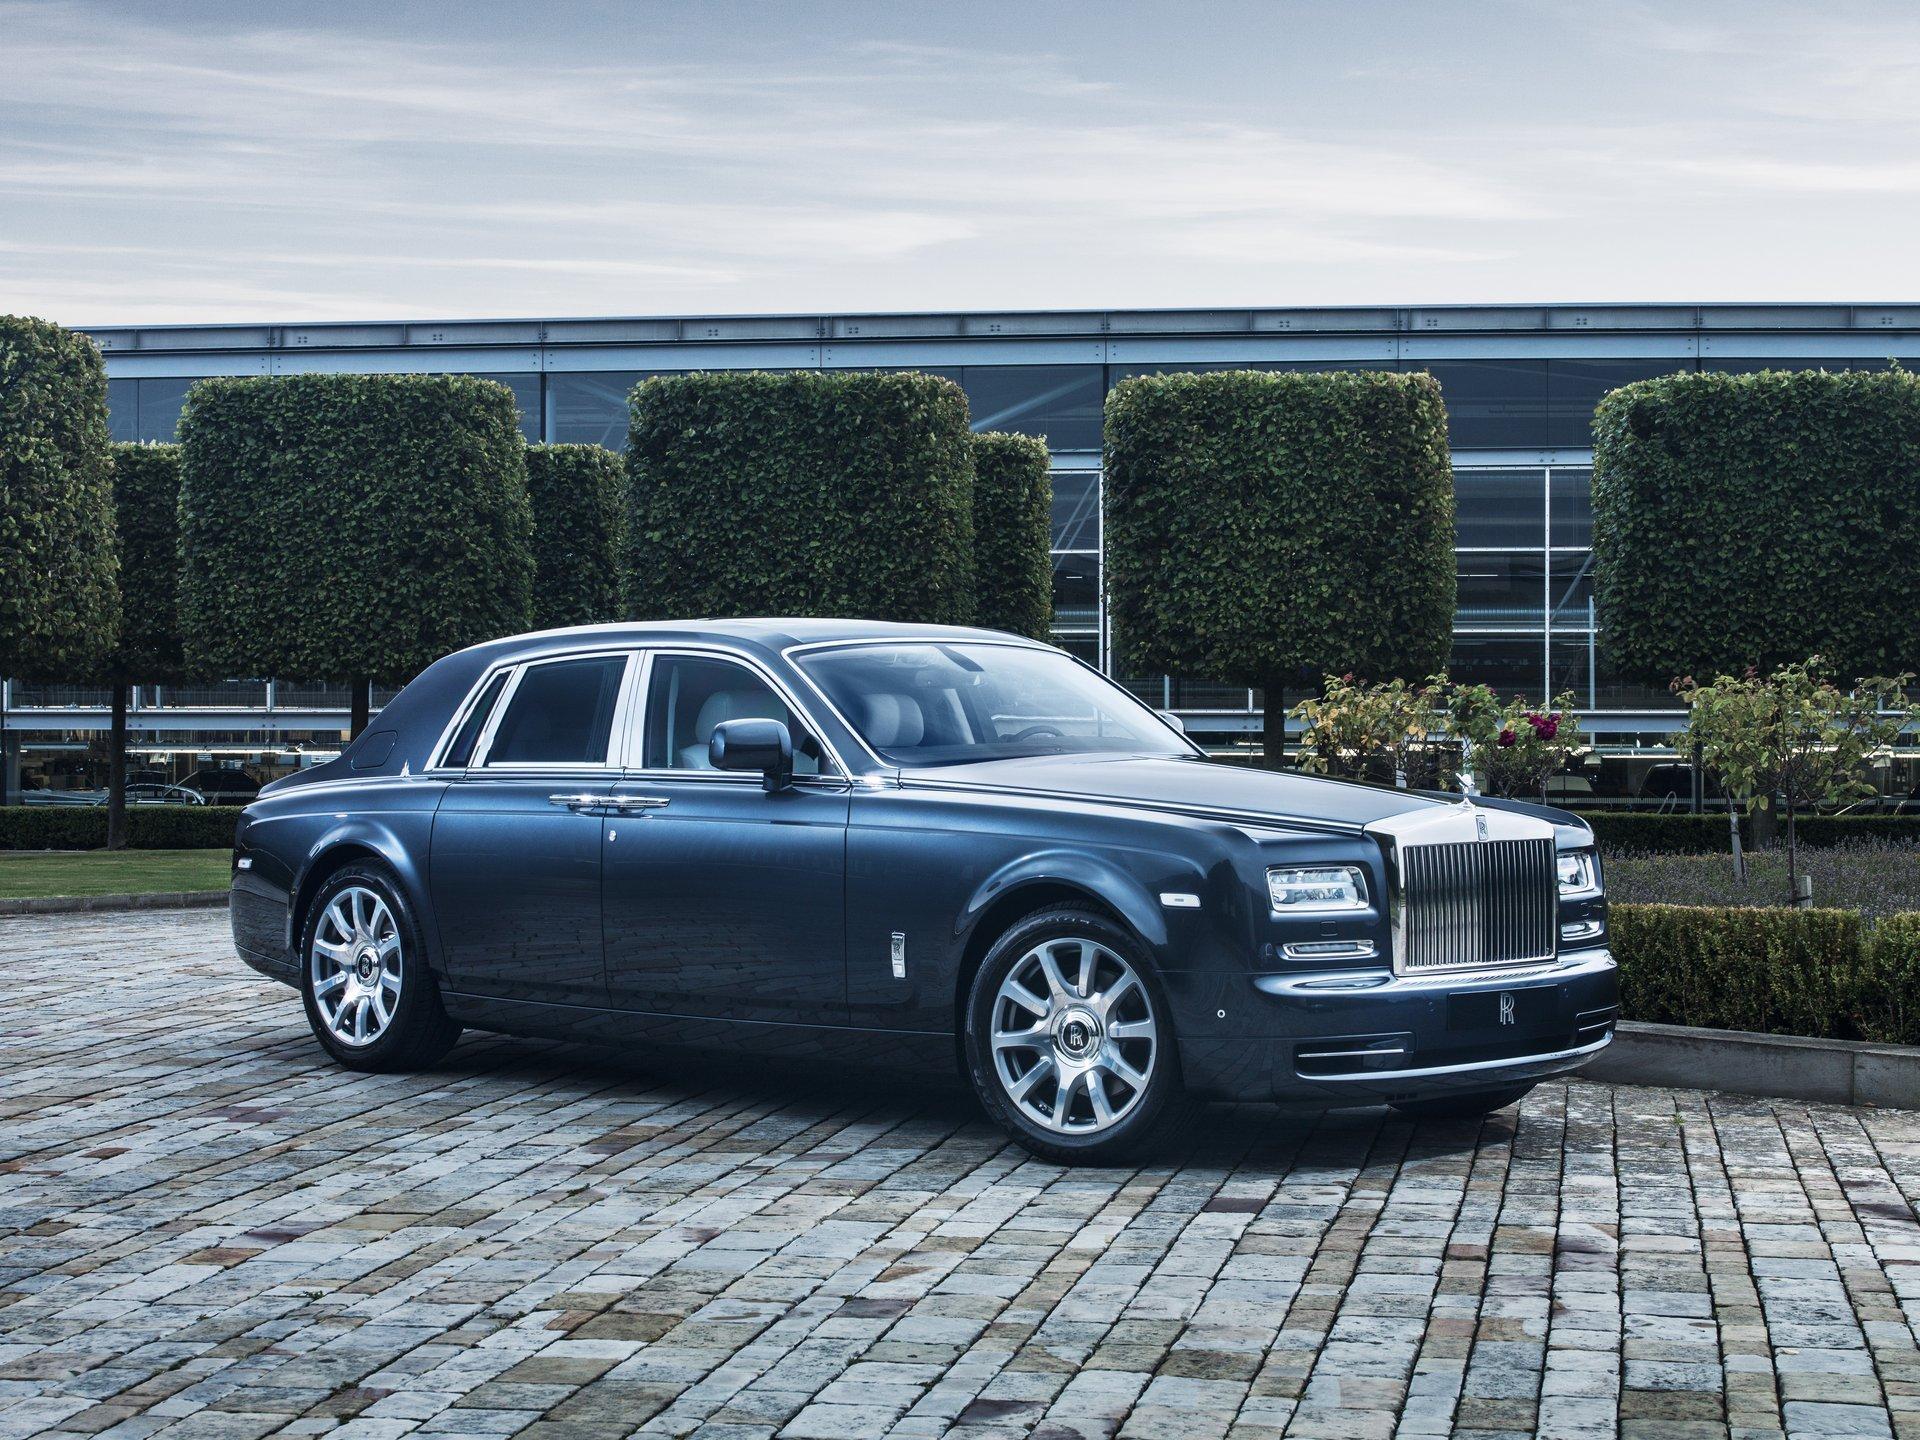 Fotógrafa faz imagens de supermodelos relacionando-as a carros famosos